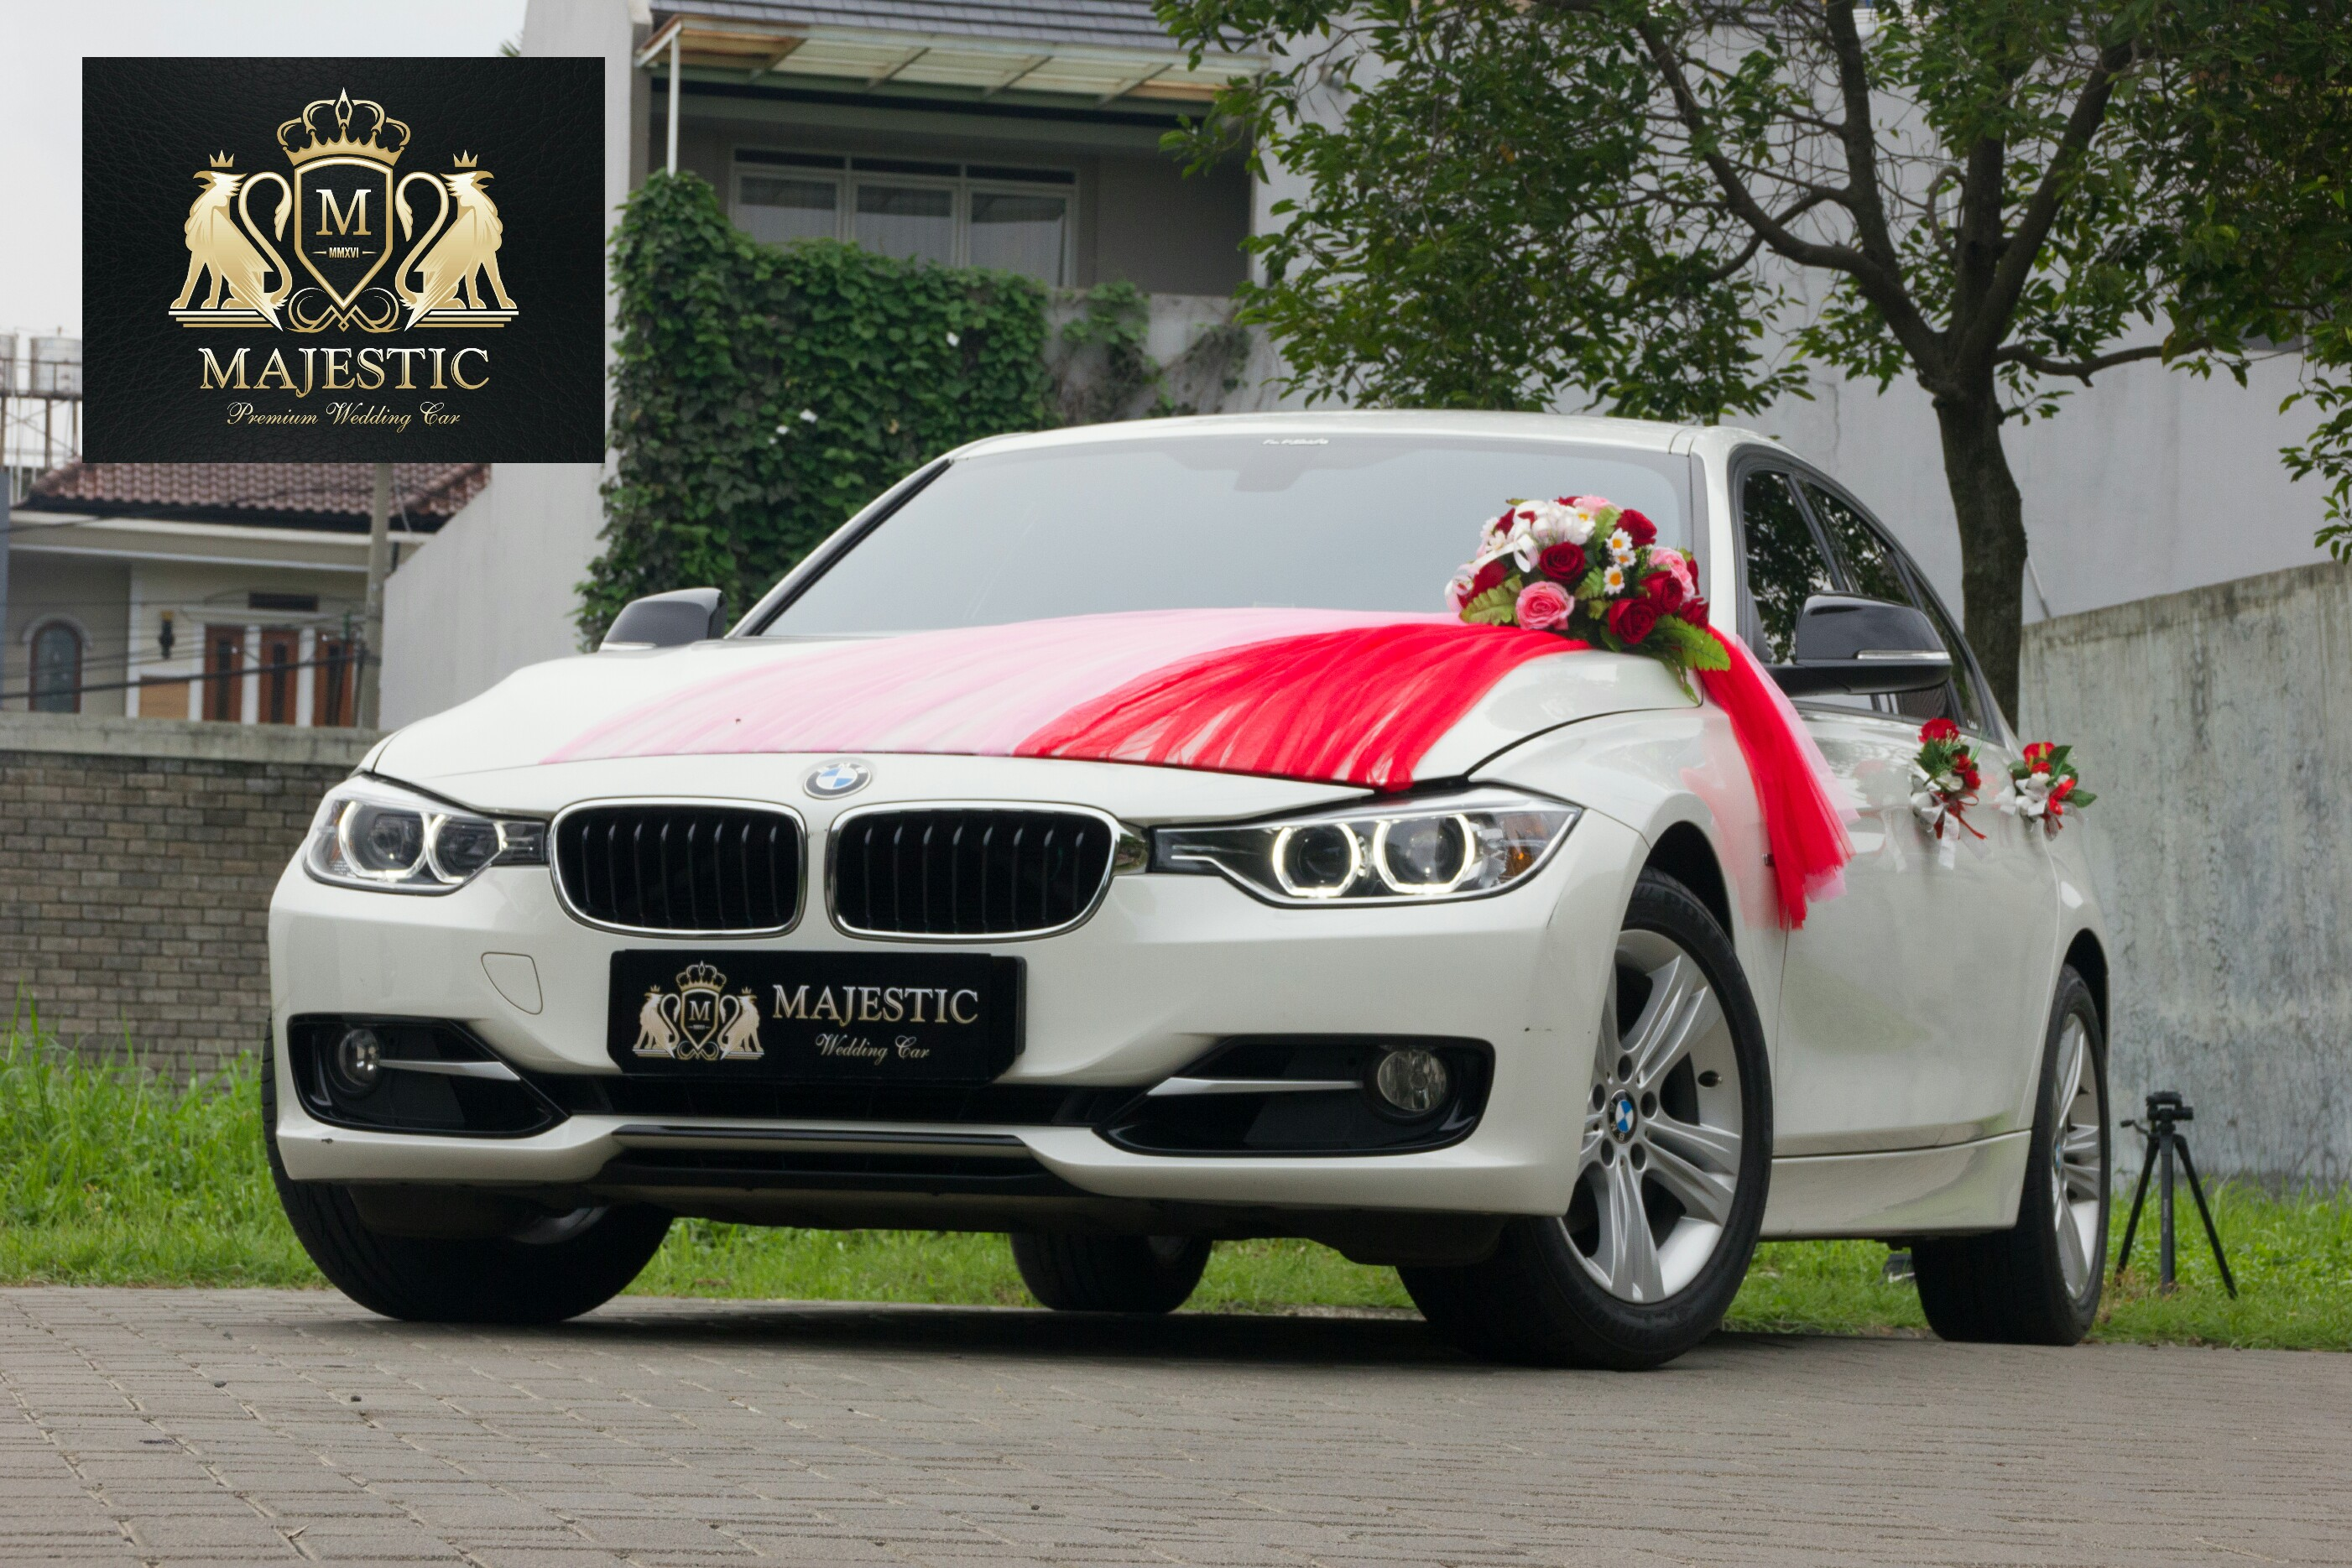 BMW_320i_White-4_tqinj6